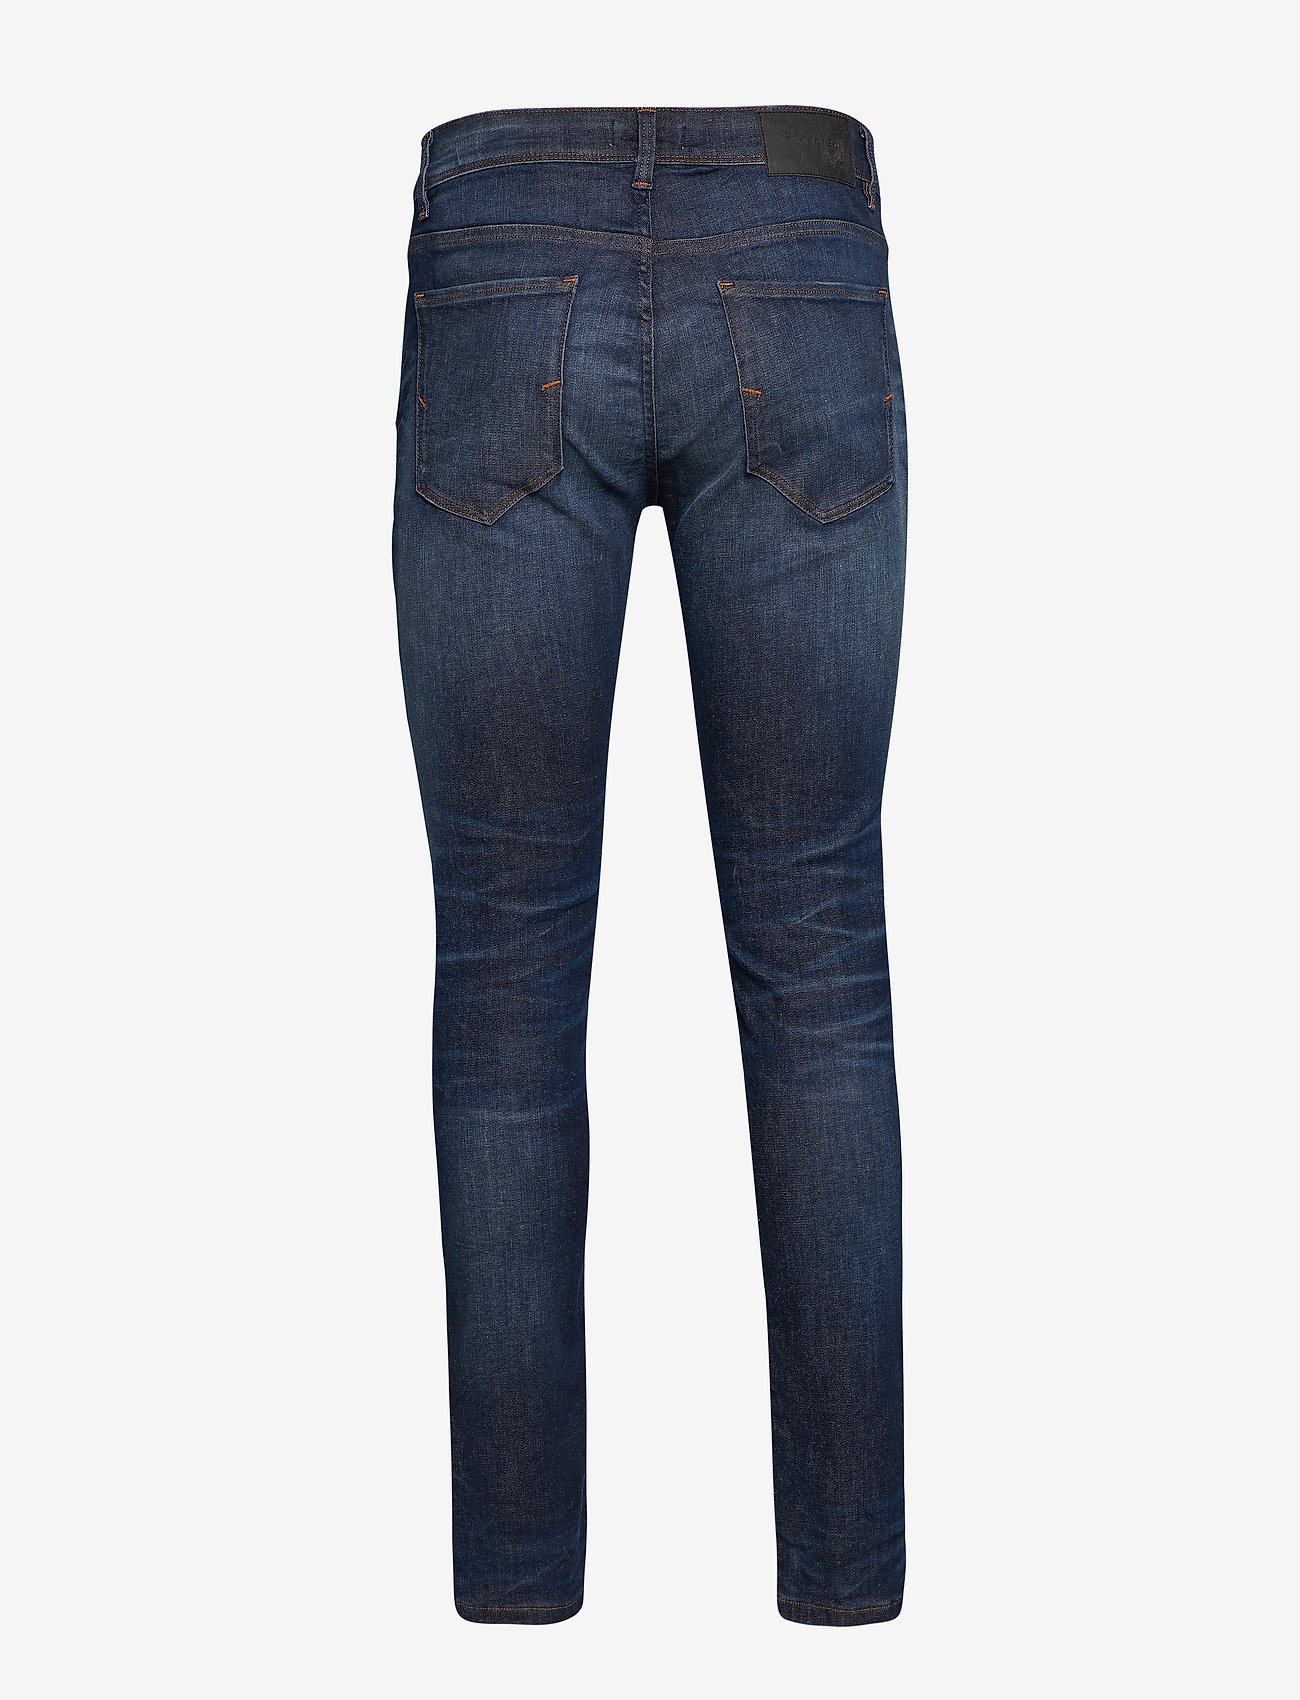 Selected Homme - SLHSLIM-LEON 6156 D.BLU SU-ST JNS W NOOS - slim jeans - dark blue denim - 1